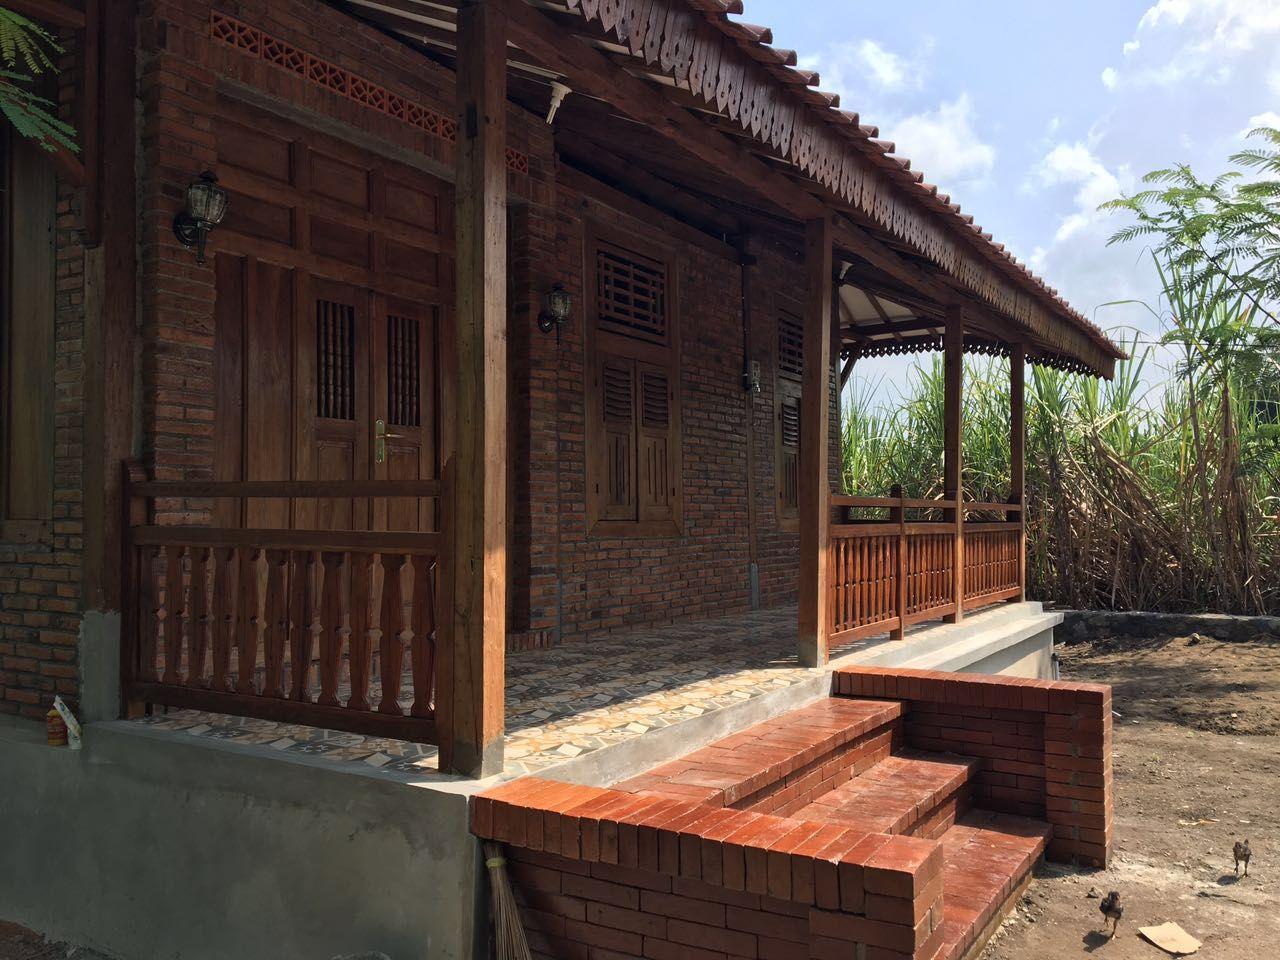 Desain Teras Rumah Kayu Di 2020 Desain Produk Desain Rumah Kayu